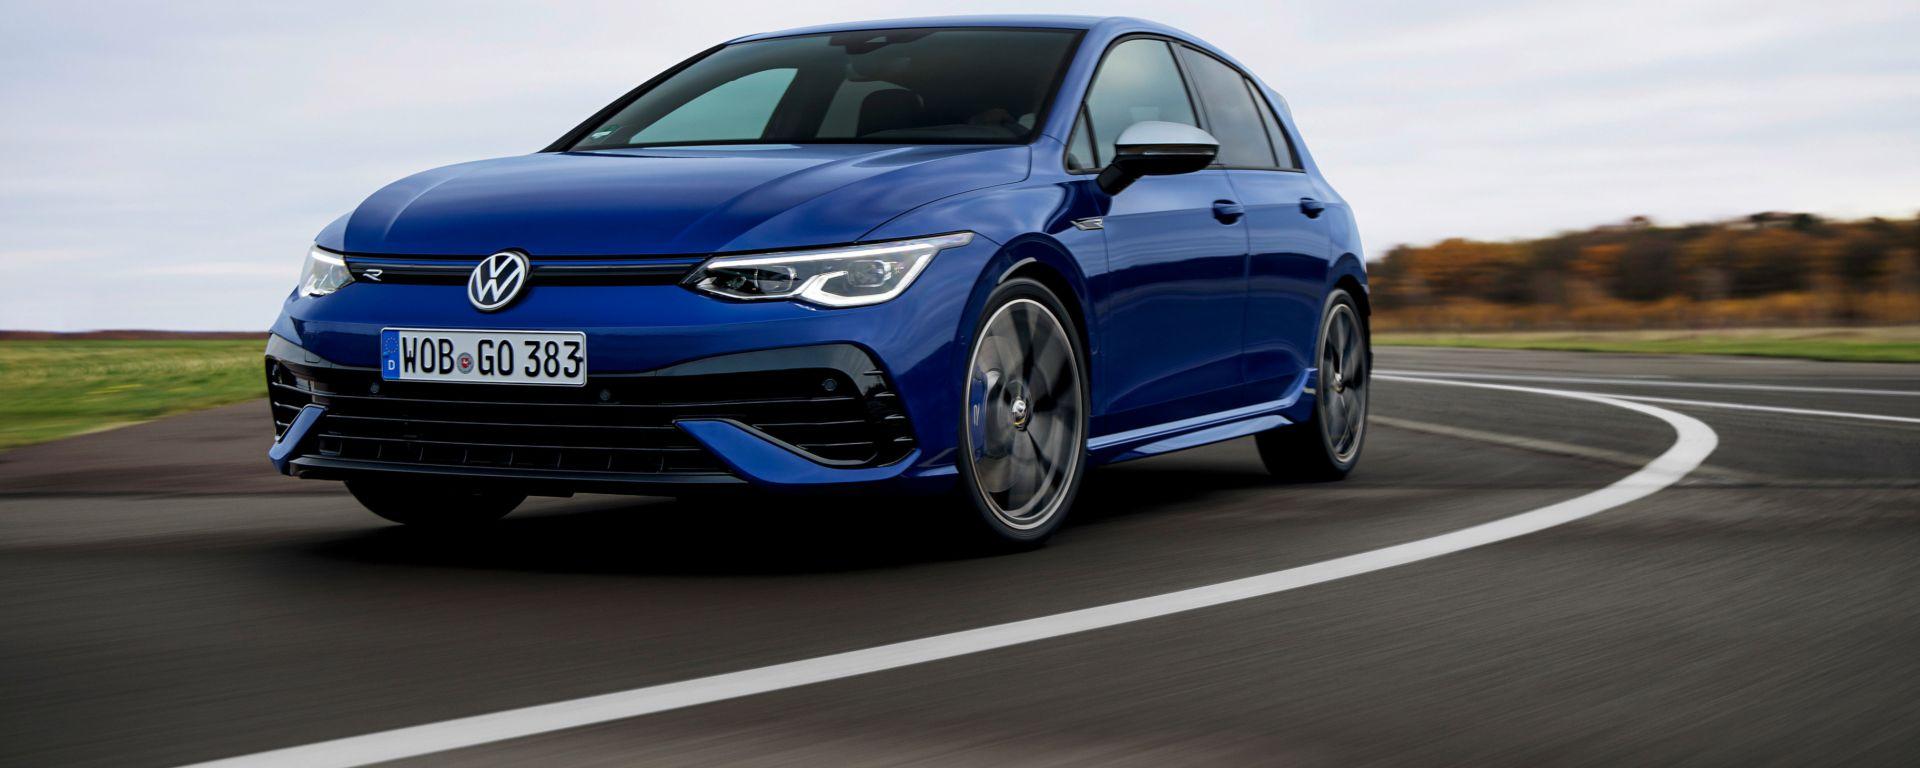 Volkswagen Golf R: in Italia con motore da 320 CV